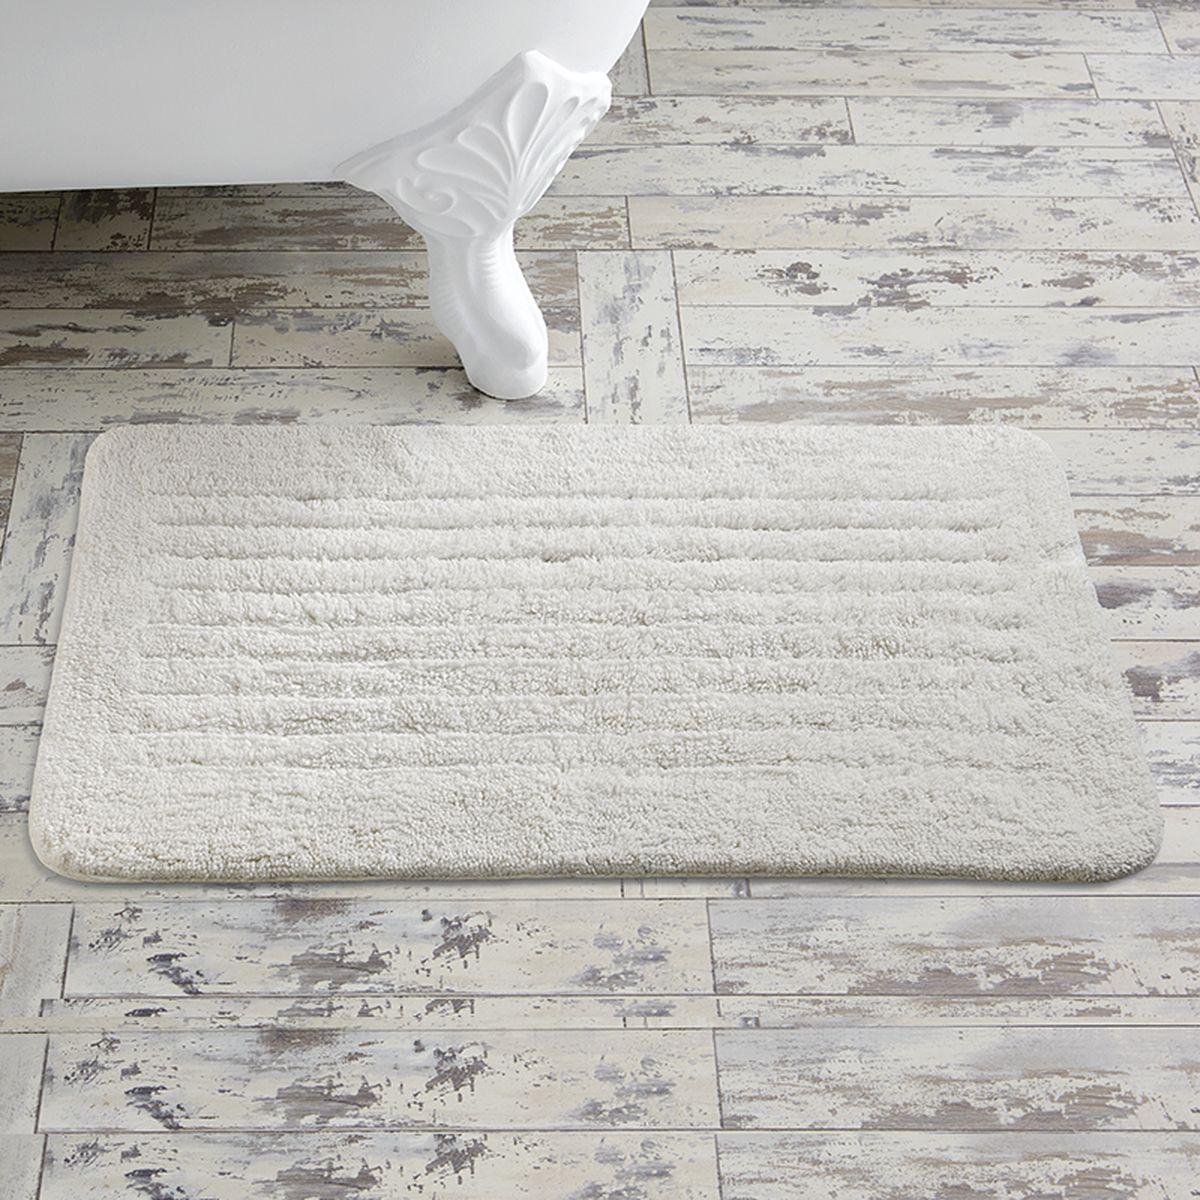 Коврик для ванной Togas, цвет: экрю, 50 х 80 см togas коврик для ванной